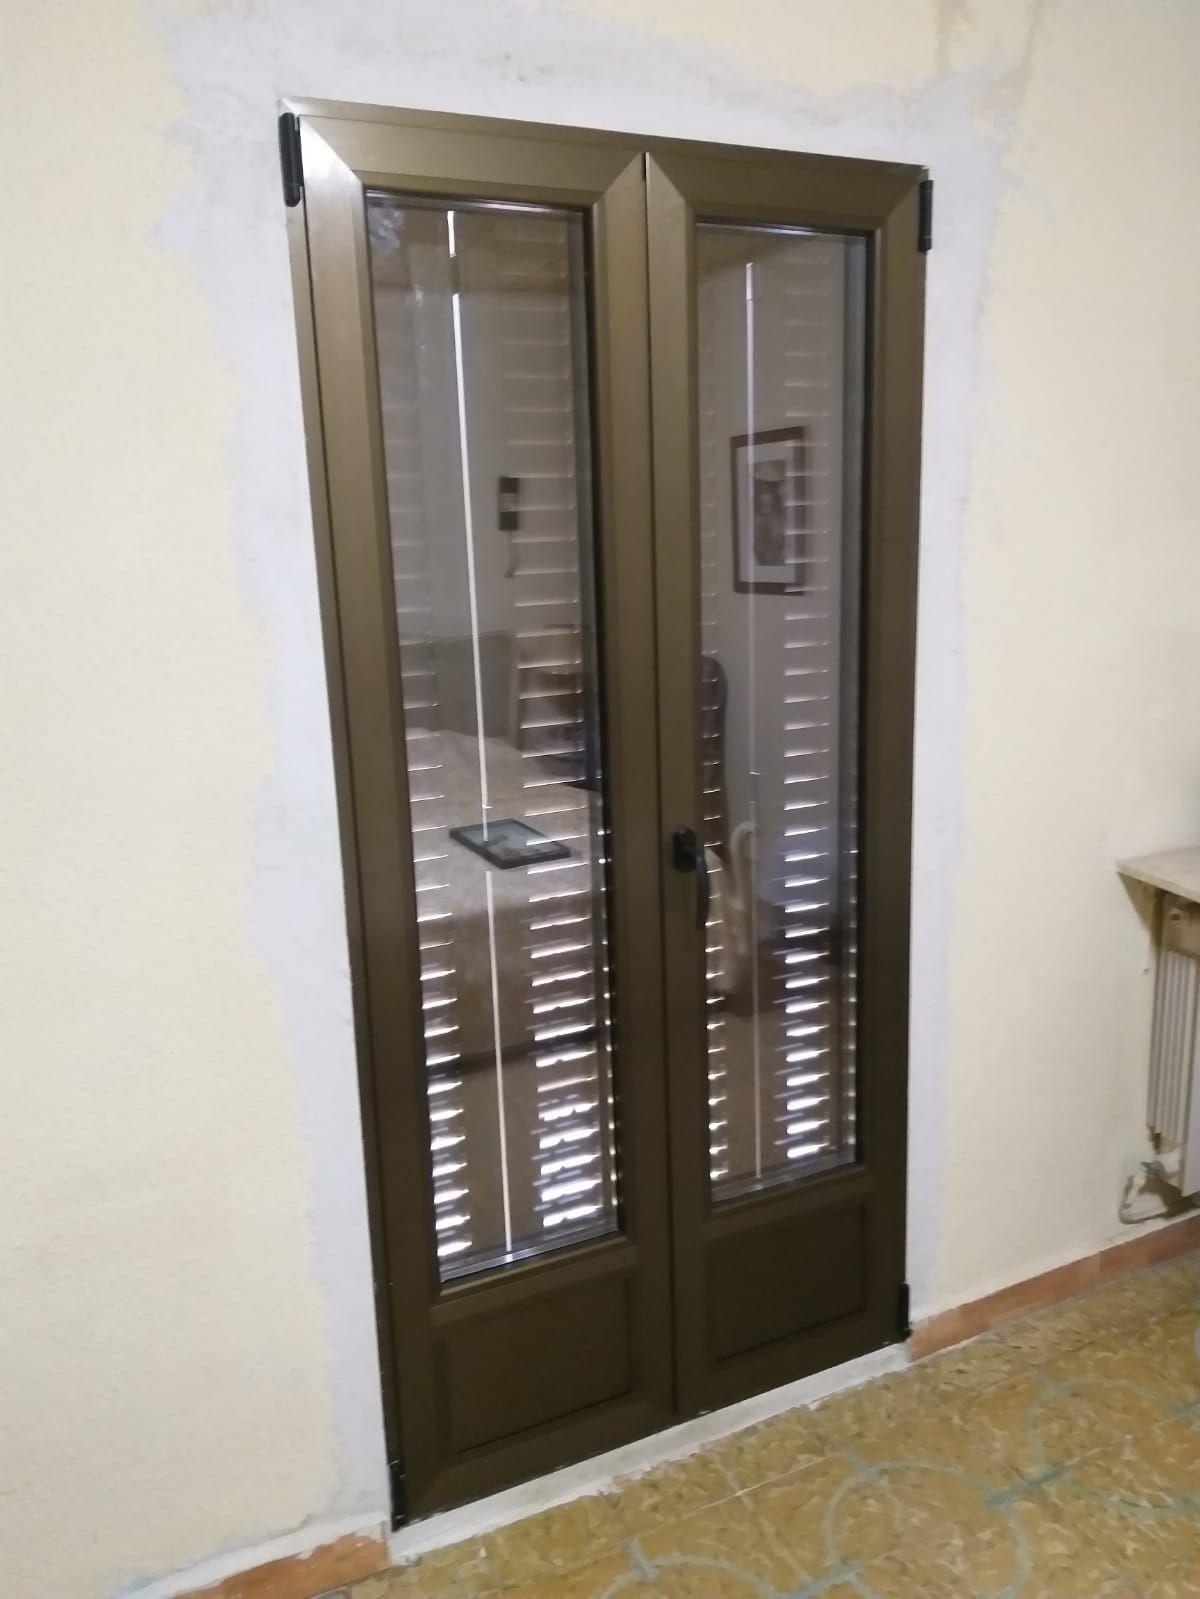 Foto 21 de Instalación, reparación y cambio de cerraduras en  | Cerrajería Jumarco